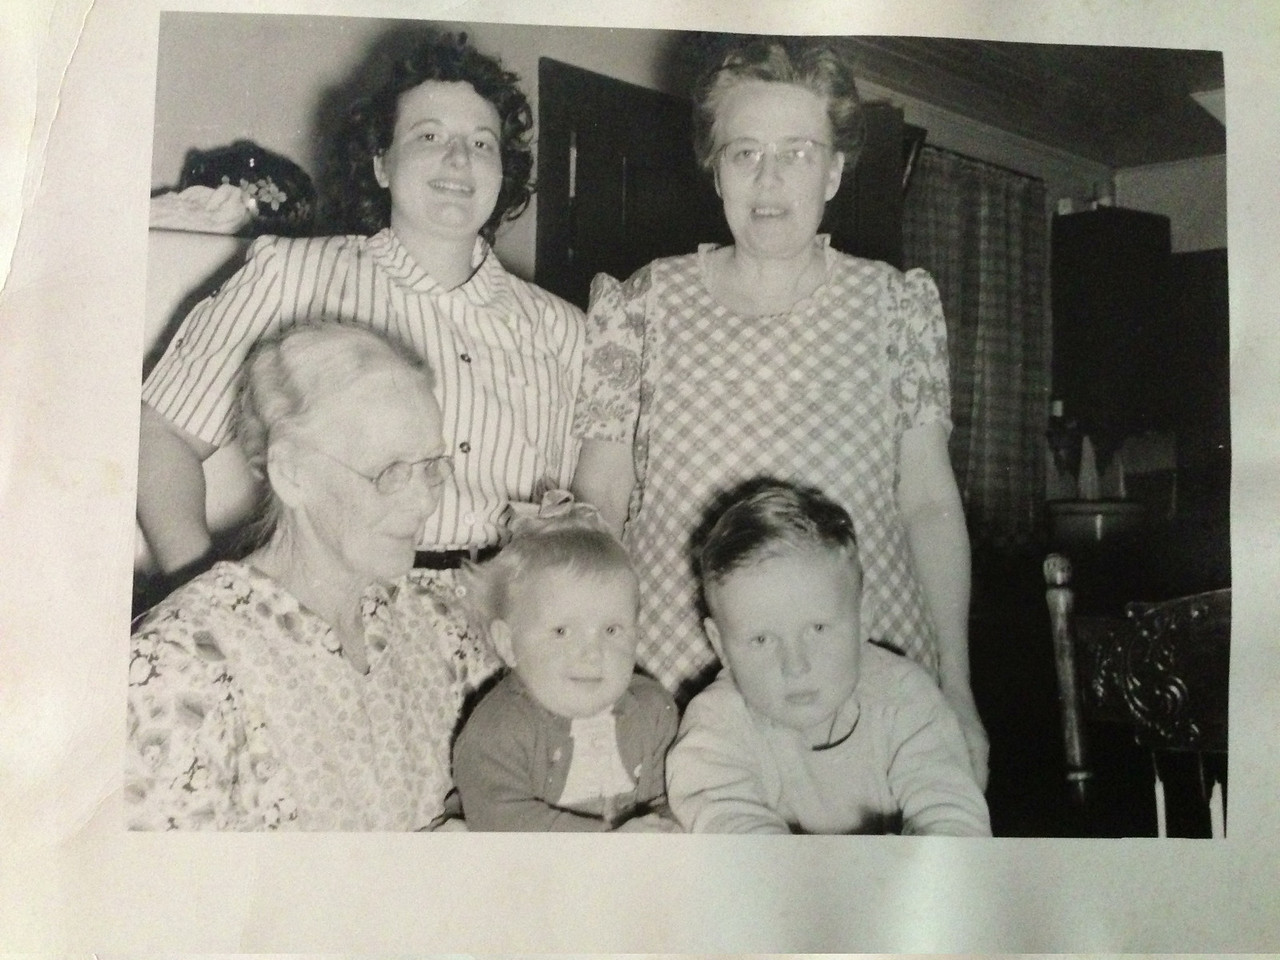 Connie (Howard's 1st cousin), Marie Walsvik (Hattie's sister), Alma Walsvik (Hattie's sister), and Connie's children